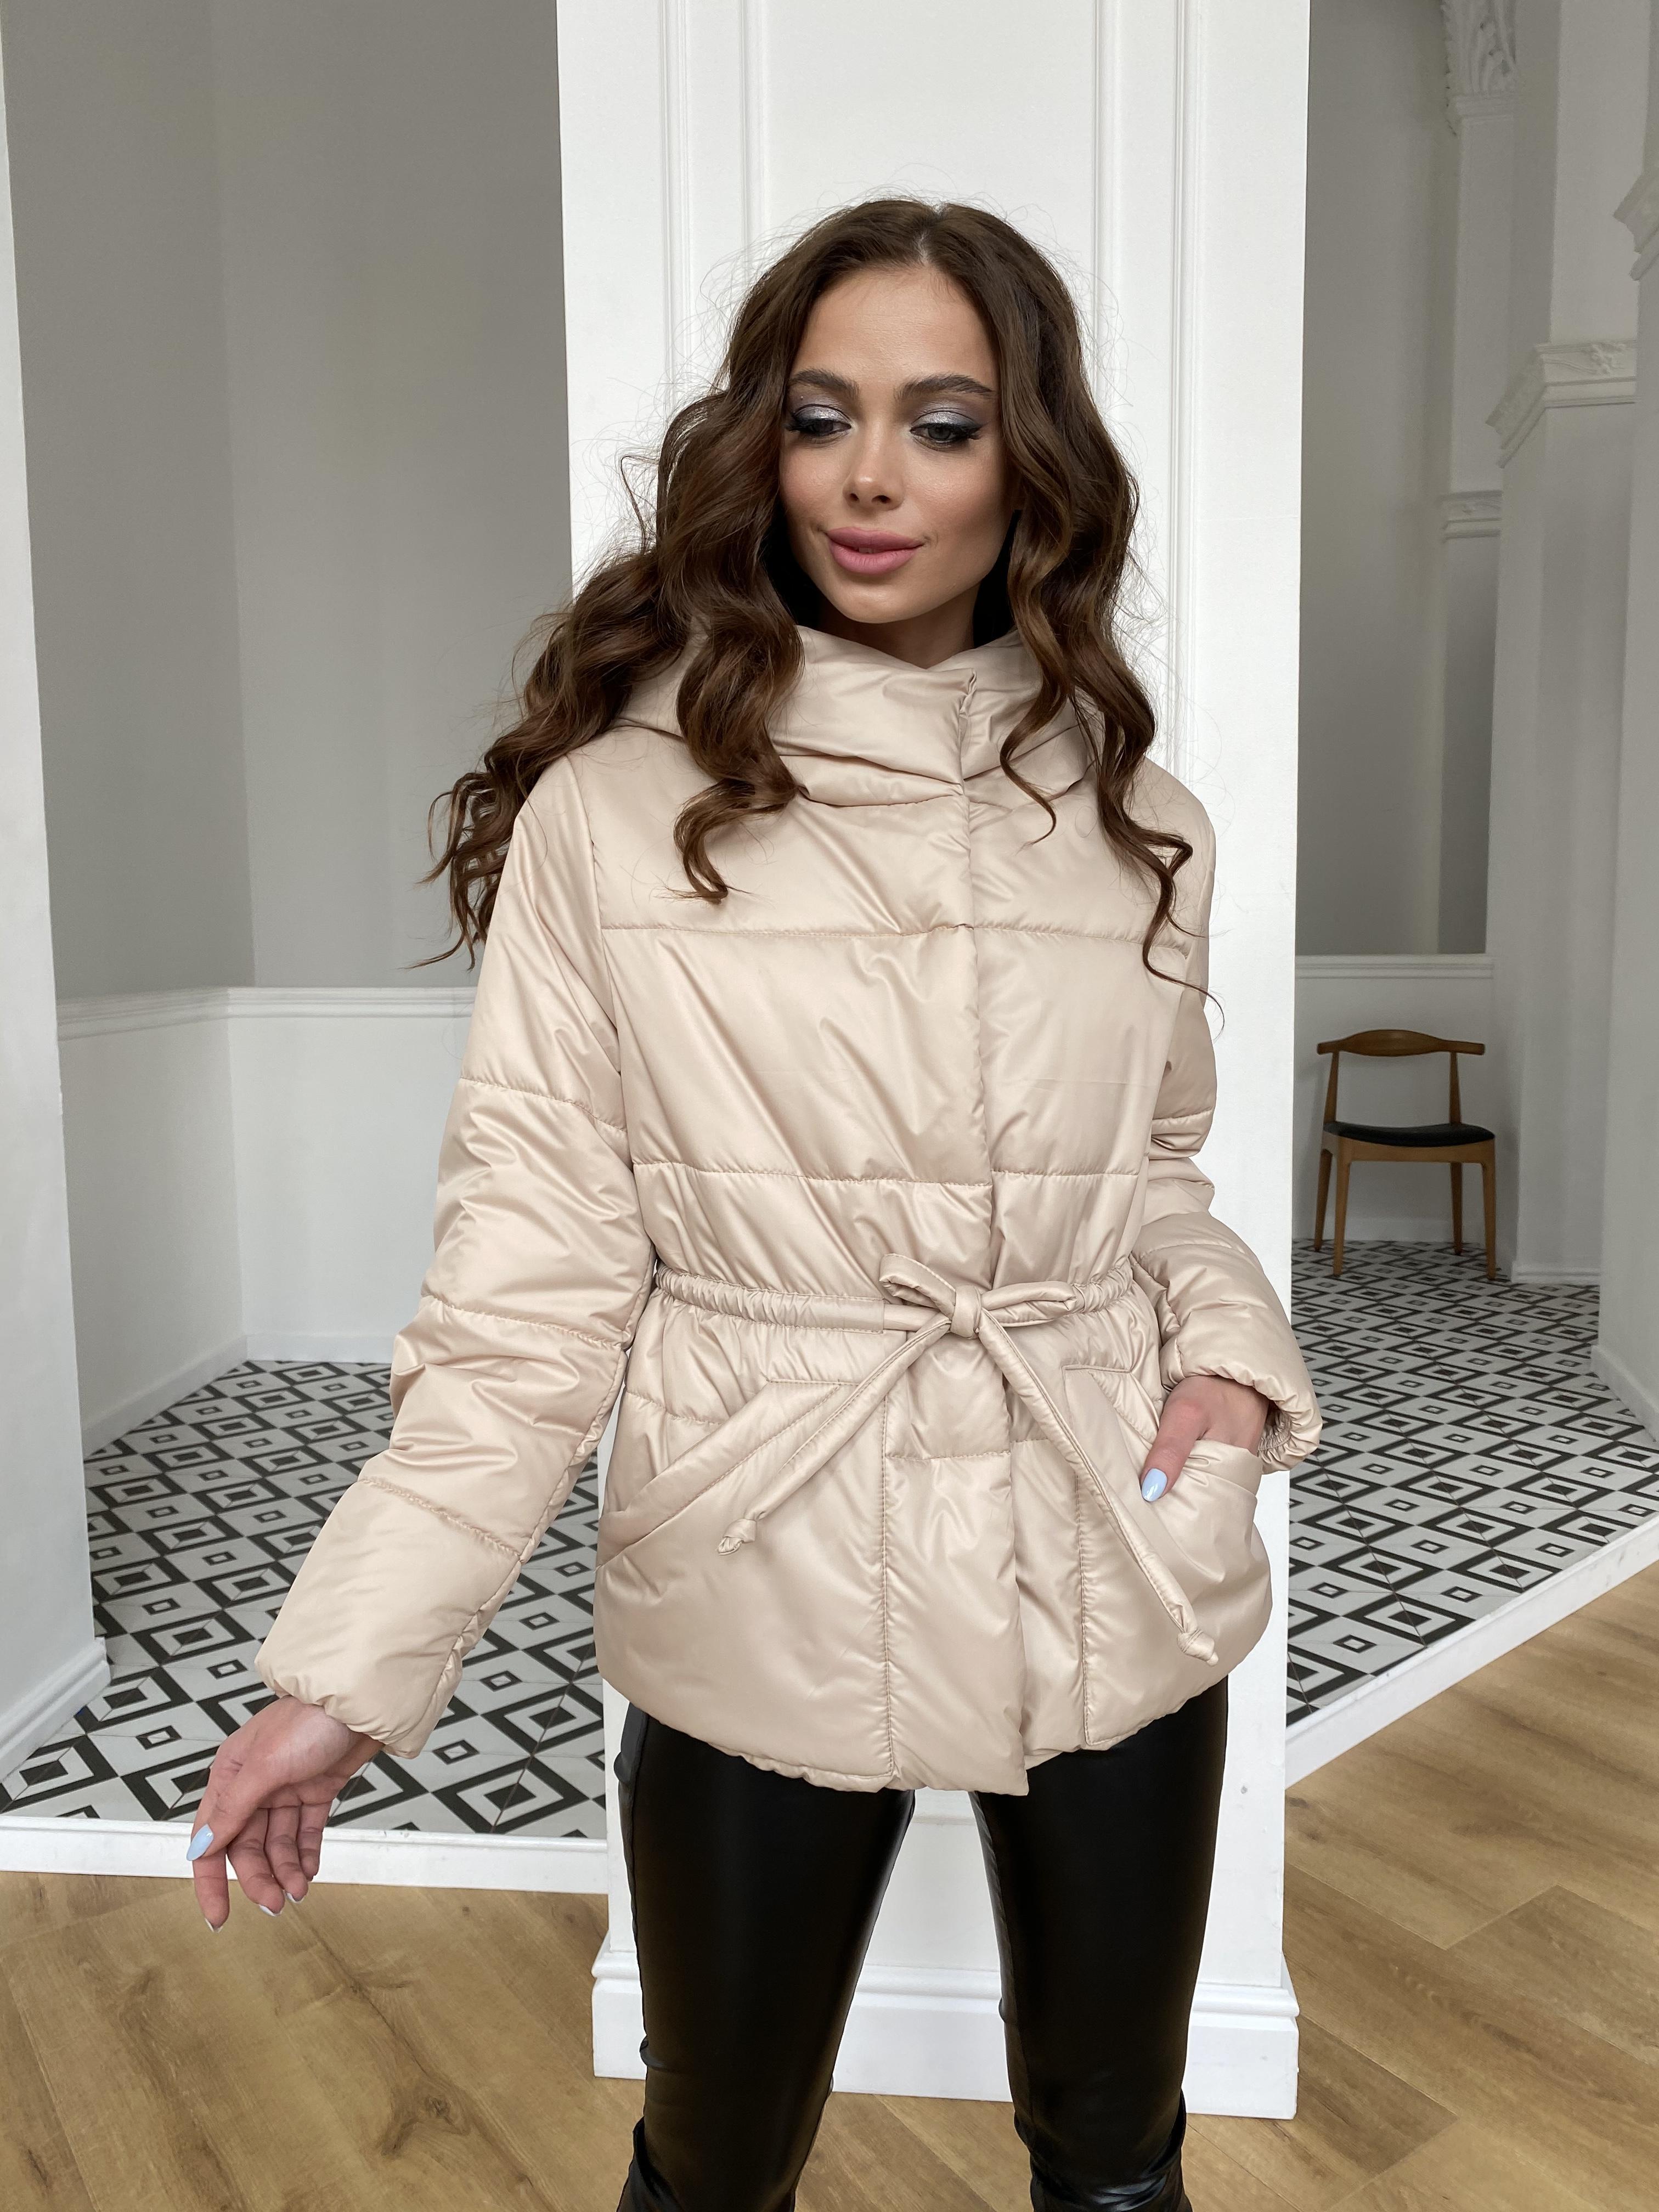 Пино куртка из плащевой ткани 10489 АРТ. 47391 Цвет: Бежевый - фото 11, интернет магазин tm-modus.ru